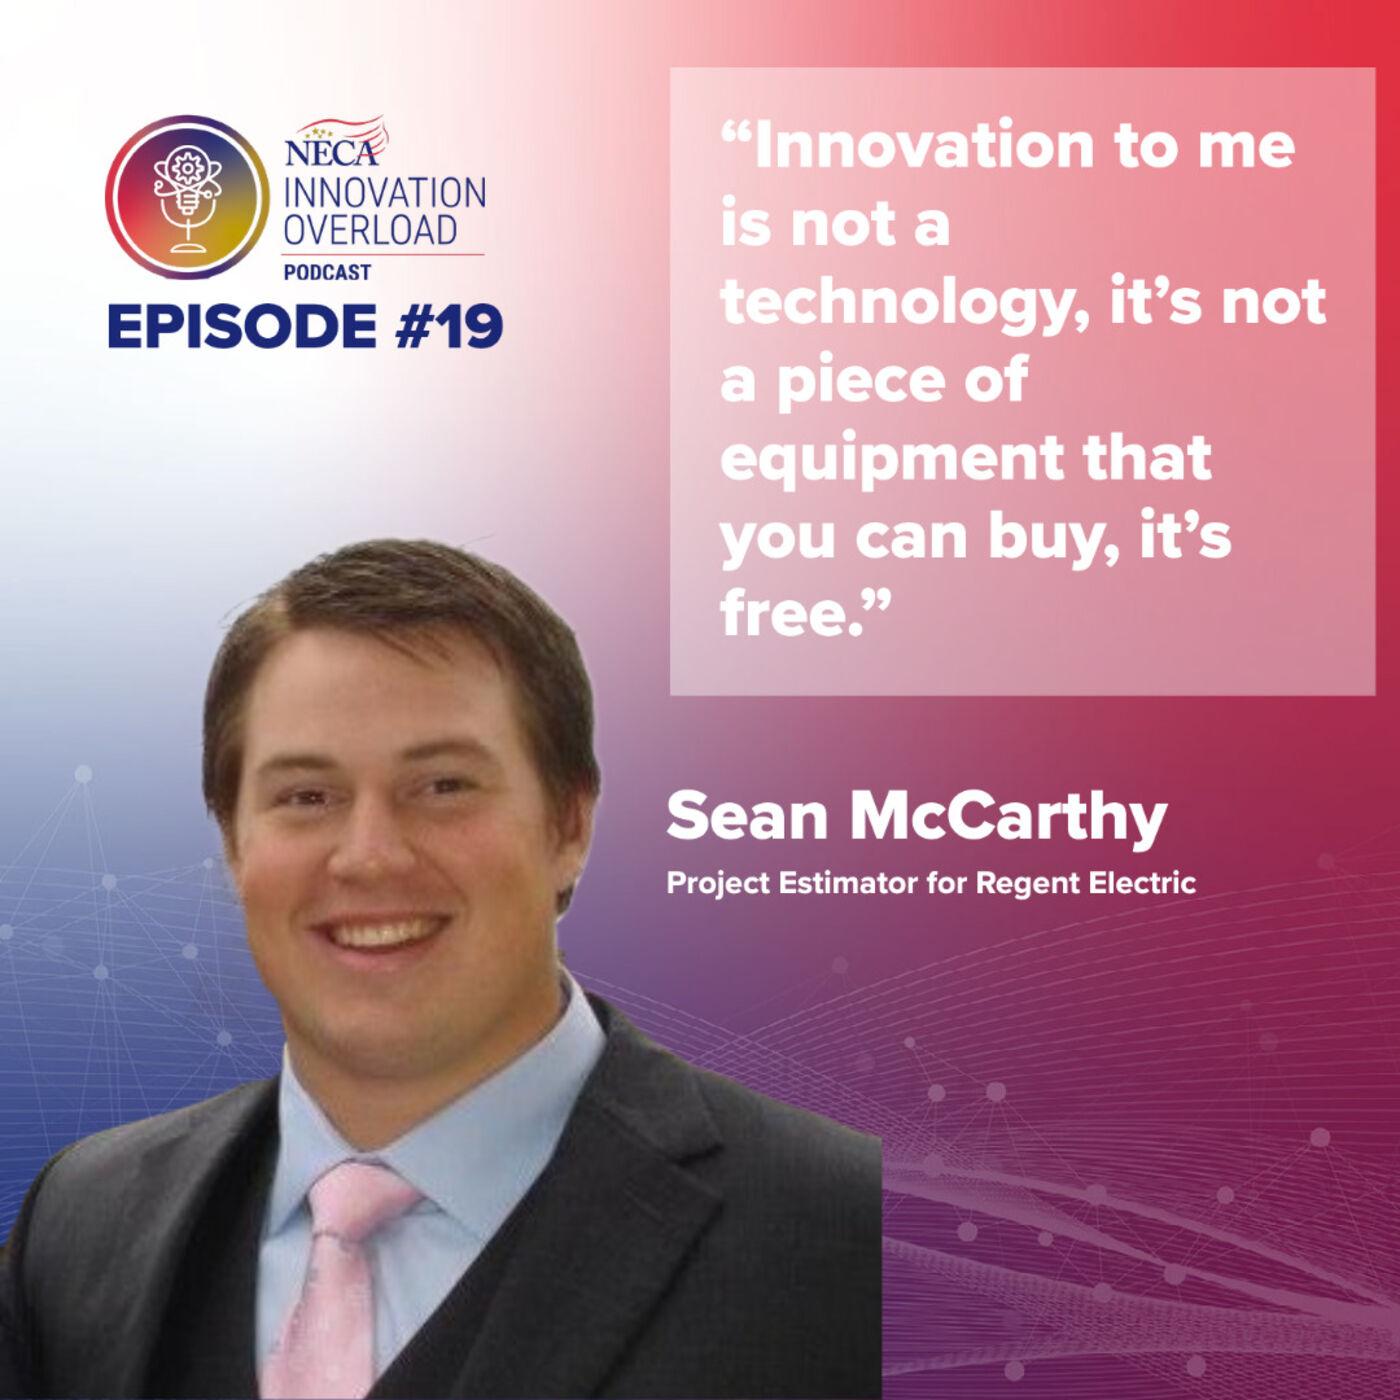 #19 - Sean McCarthy